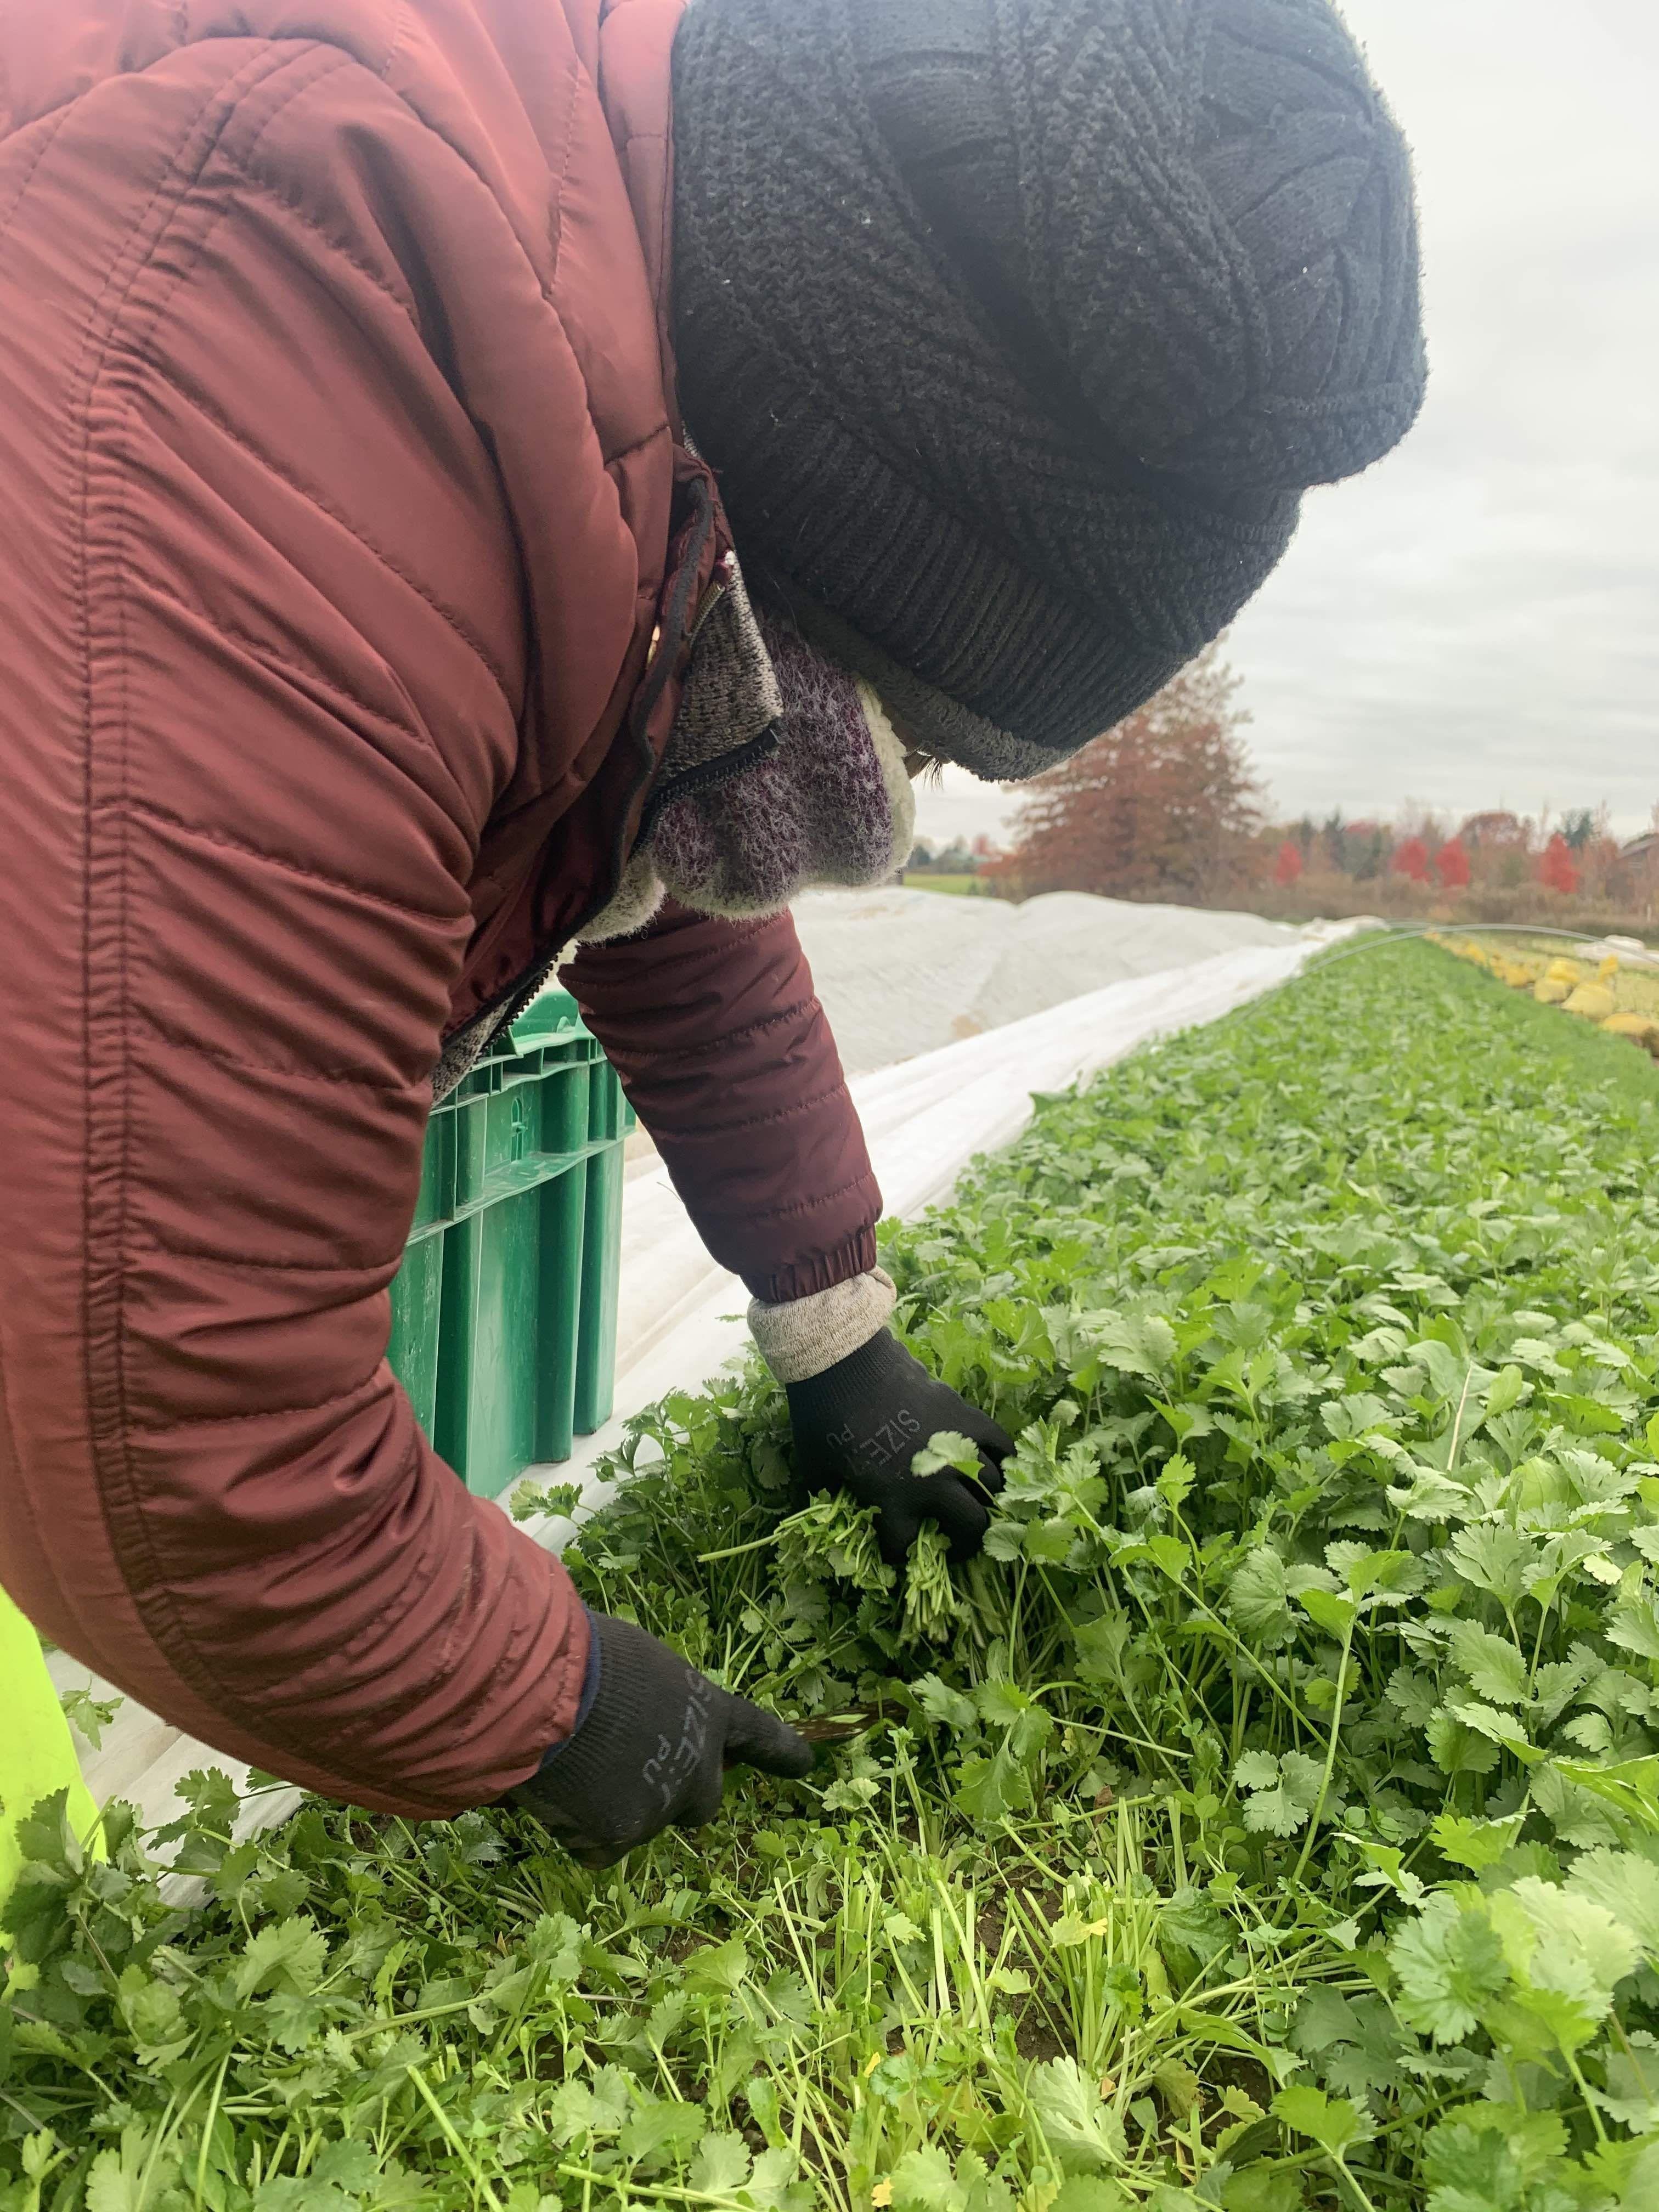 Farmer John Writes: Believe It Or Not